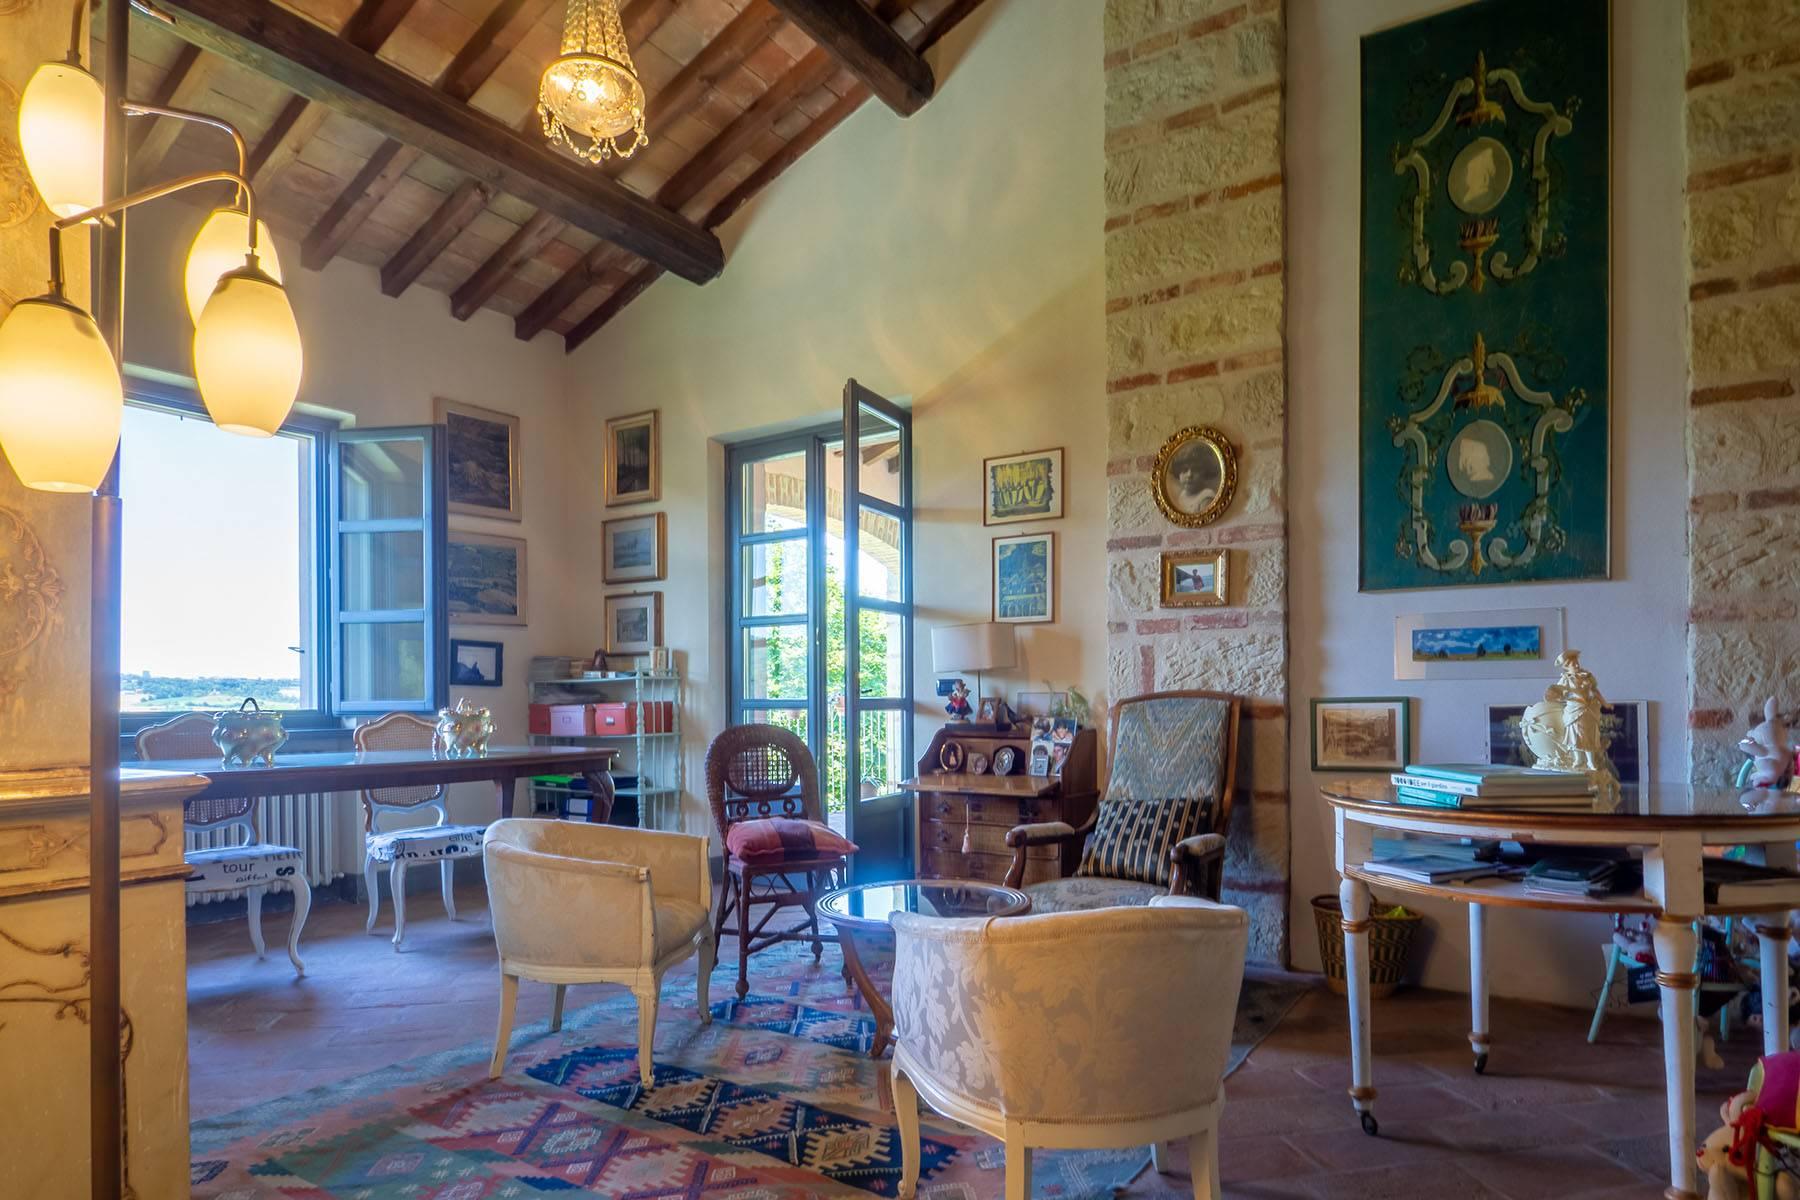 Rustico in Vendita a Ponzano Monferrato: 5 locali, 560 mq - Foto 14